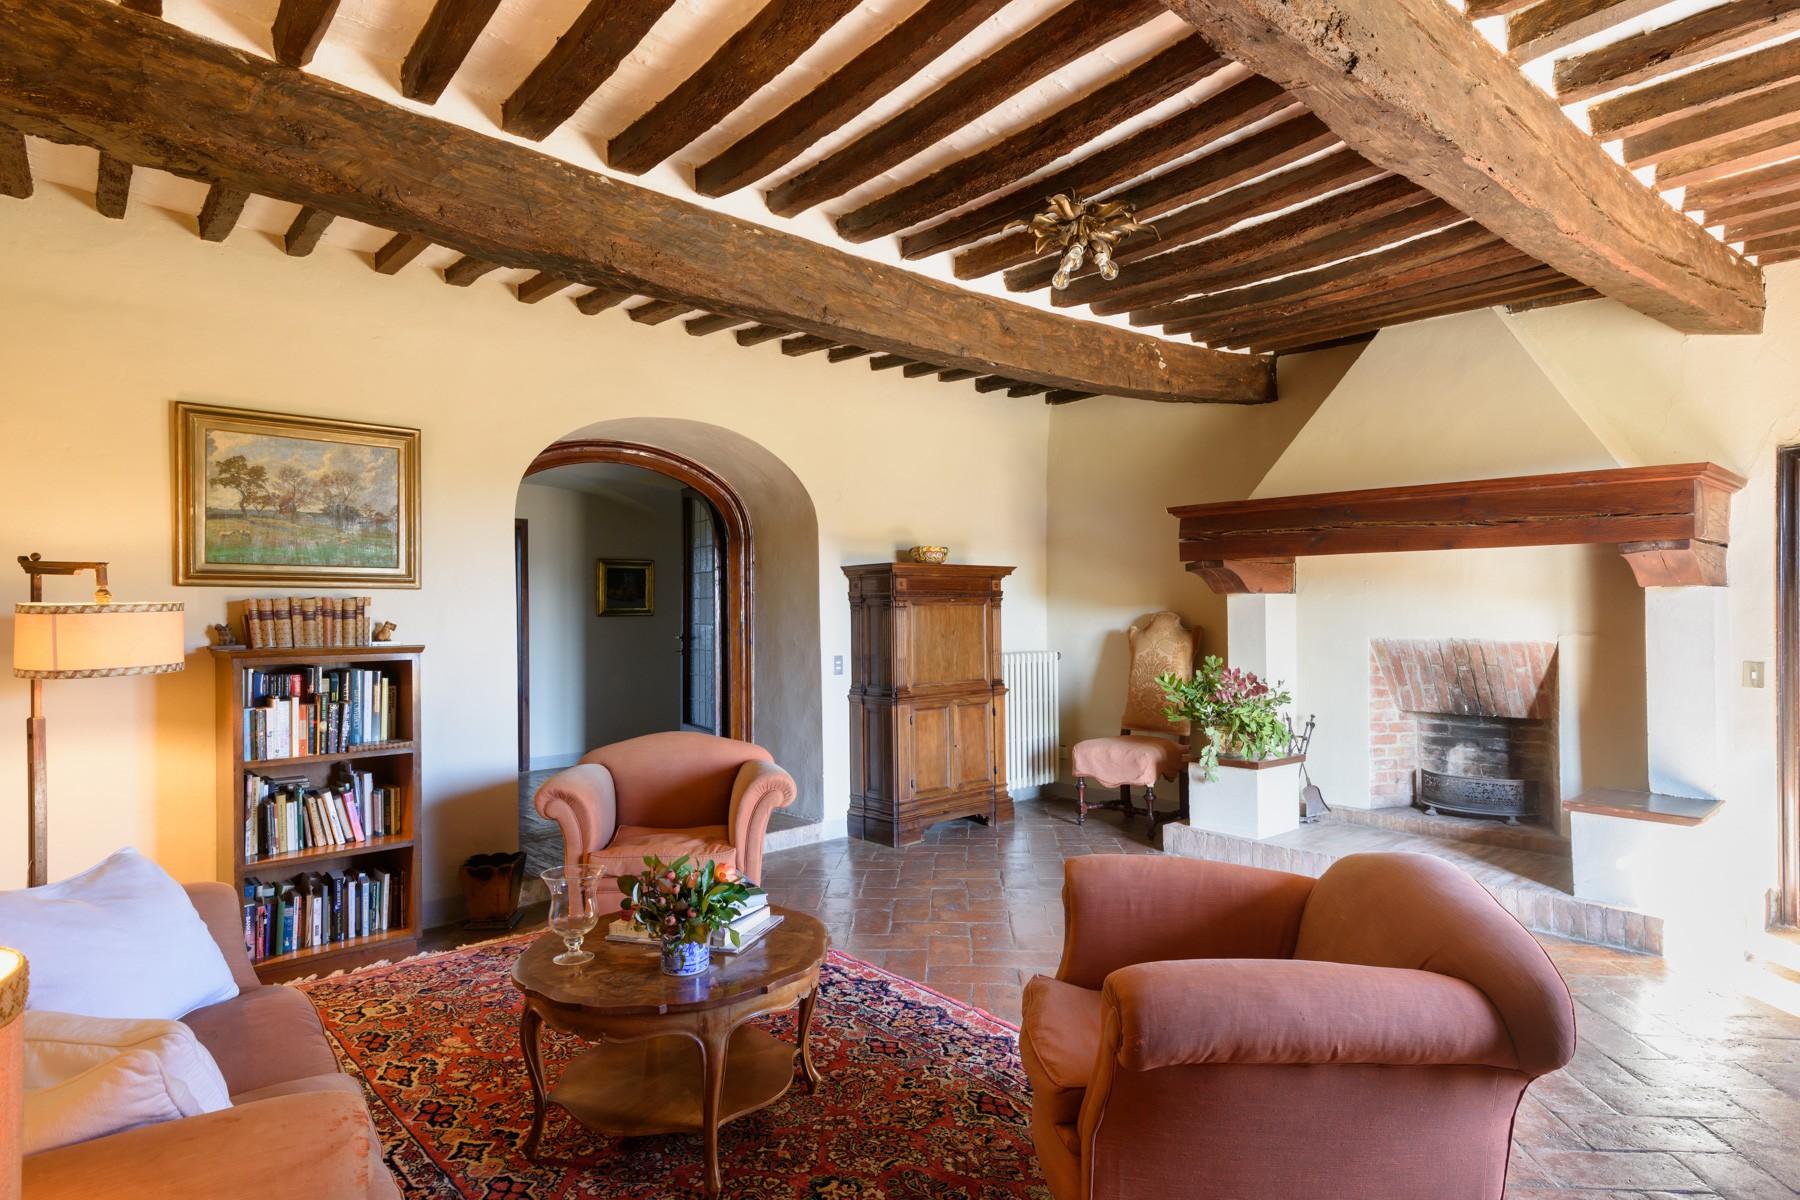 Villa in Vendita a Montaione: 5 locali, 15655 mq - Foto 16